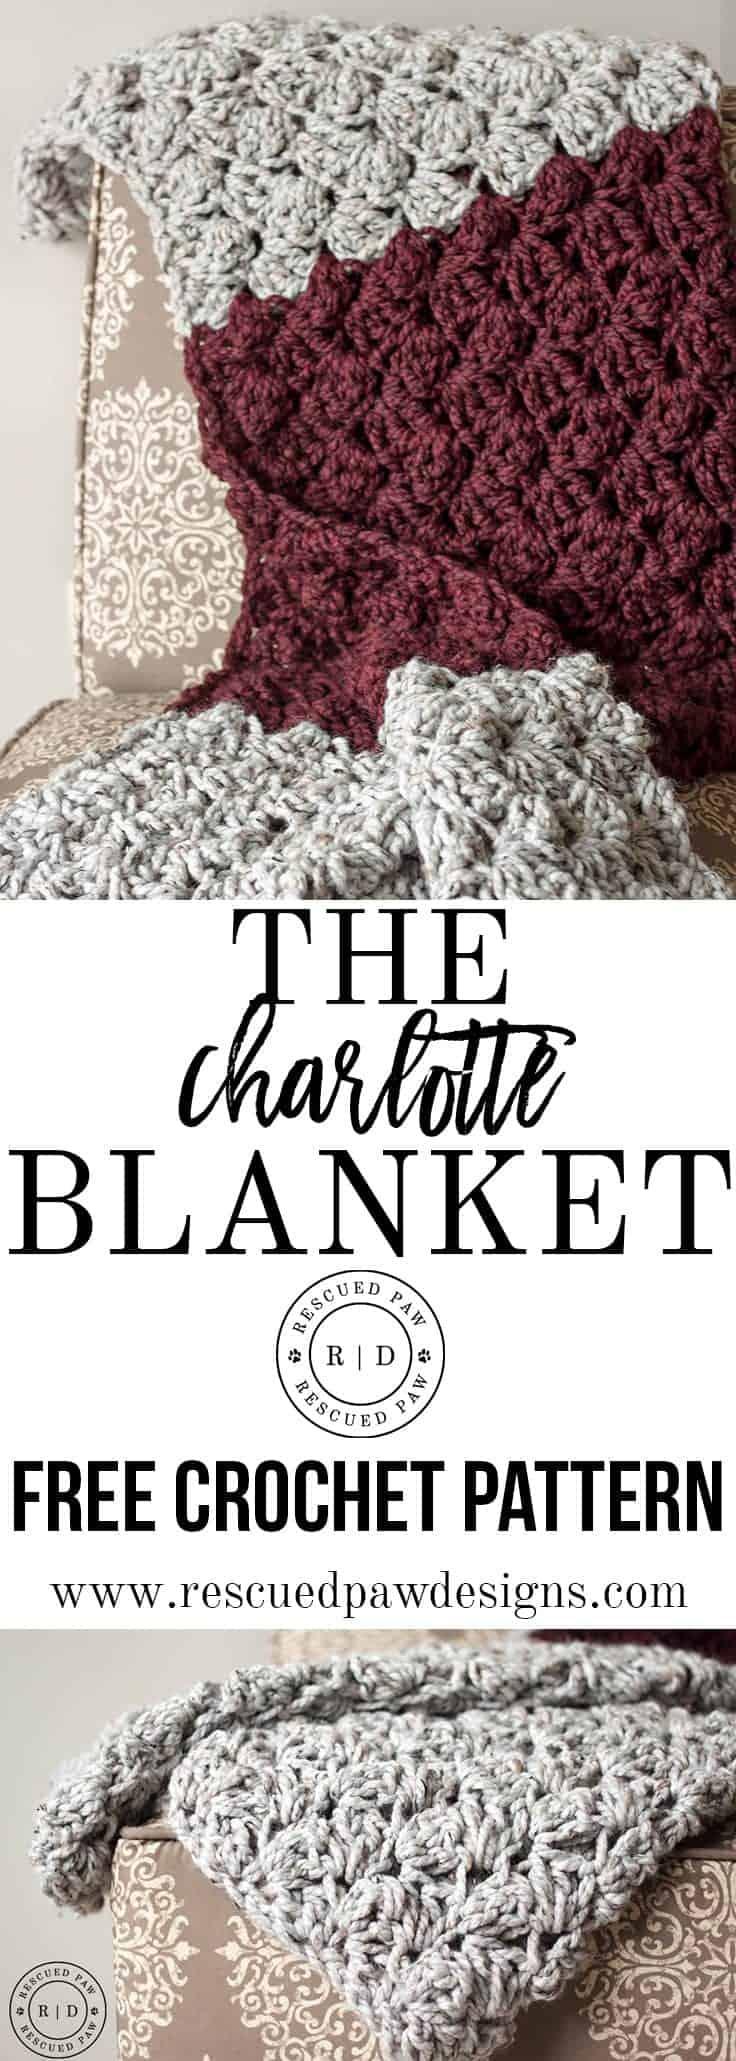 crochet blanket afghan free